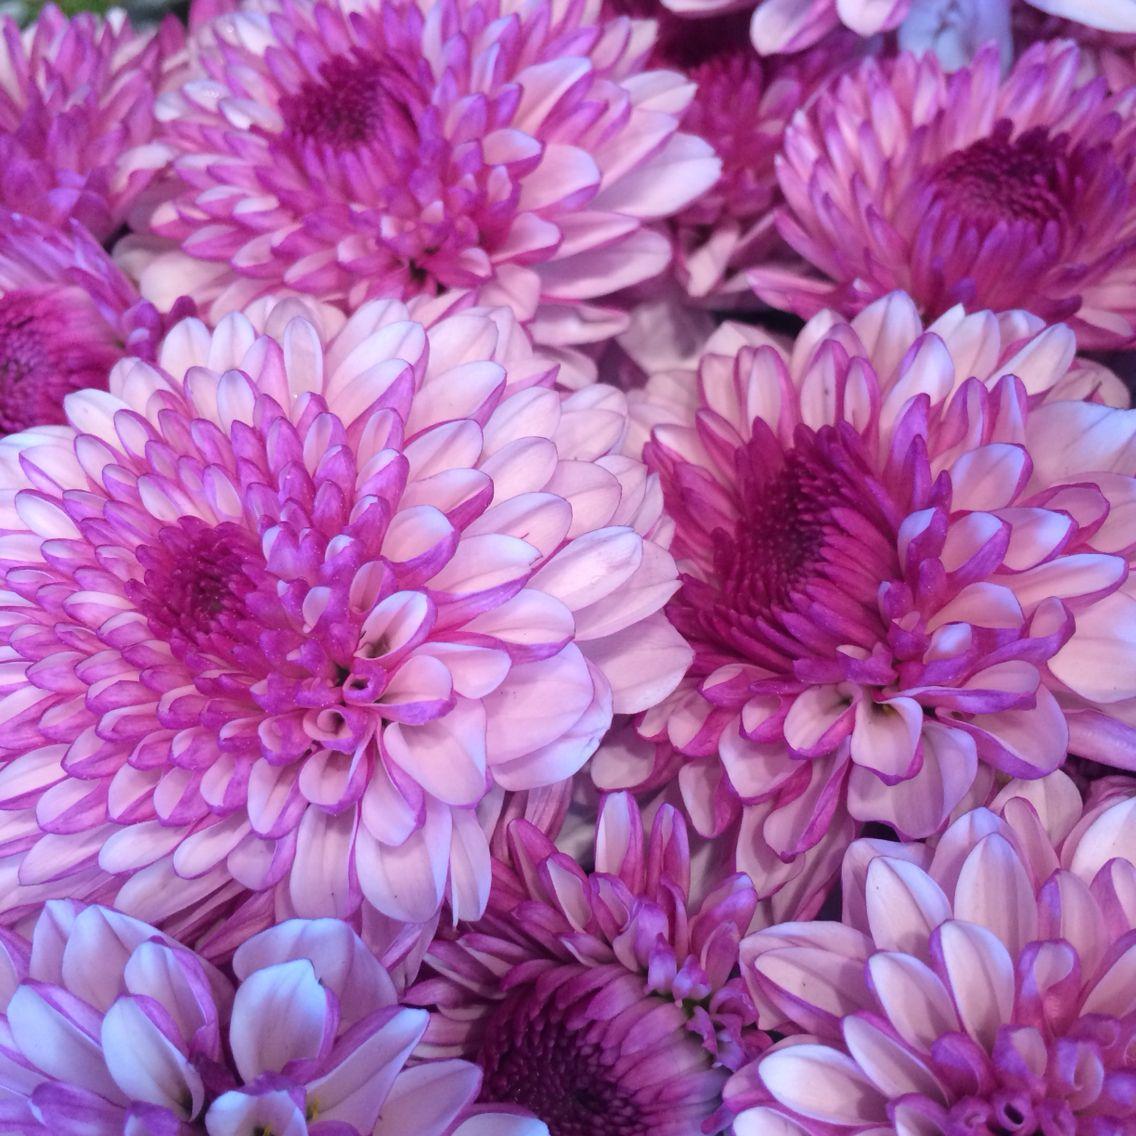 Dahlia Love Dahlia Flower Florist Rockflower On The Go